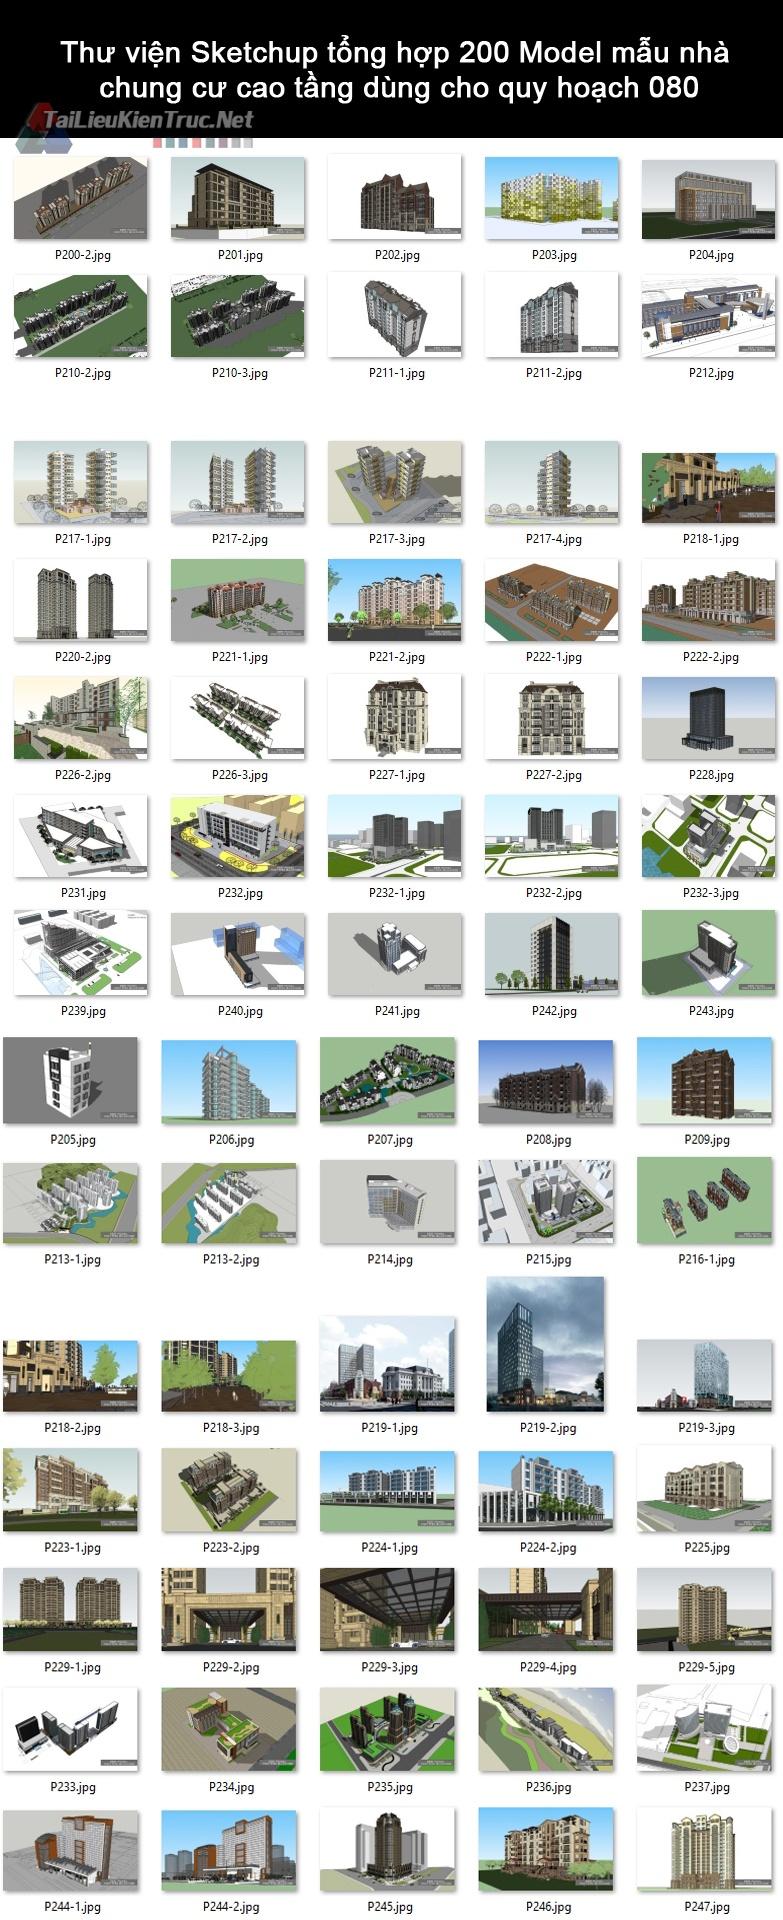 Thư viện Sketchup tổng hợp 200 Model mẫu nhà chung cư cao tầng dùng cho quy hoạch 080